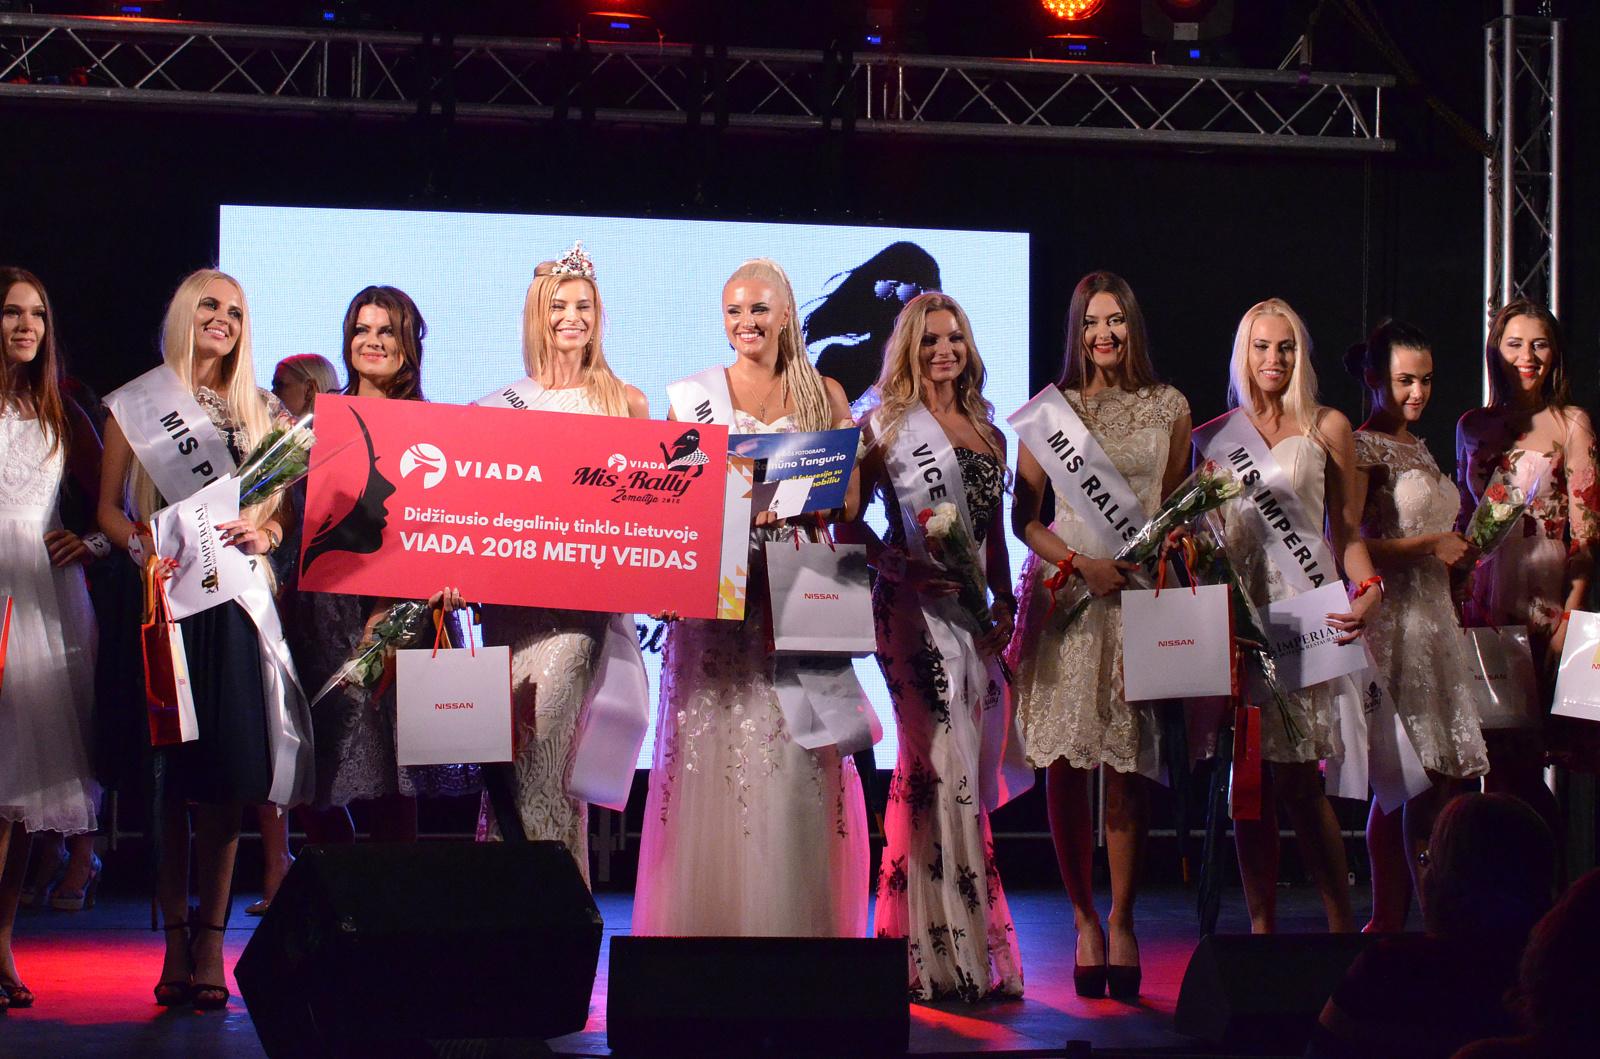 Išrinkta VIADA Mis Rally Žemaitija 2018 nugalėtoja: komisijoje įžymūs lenktynininkai